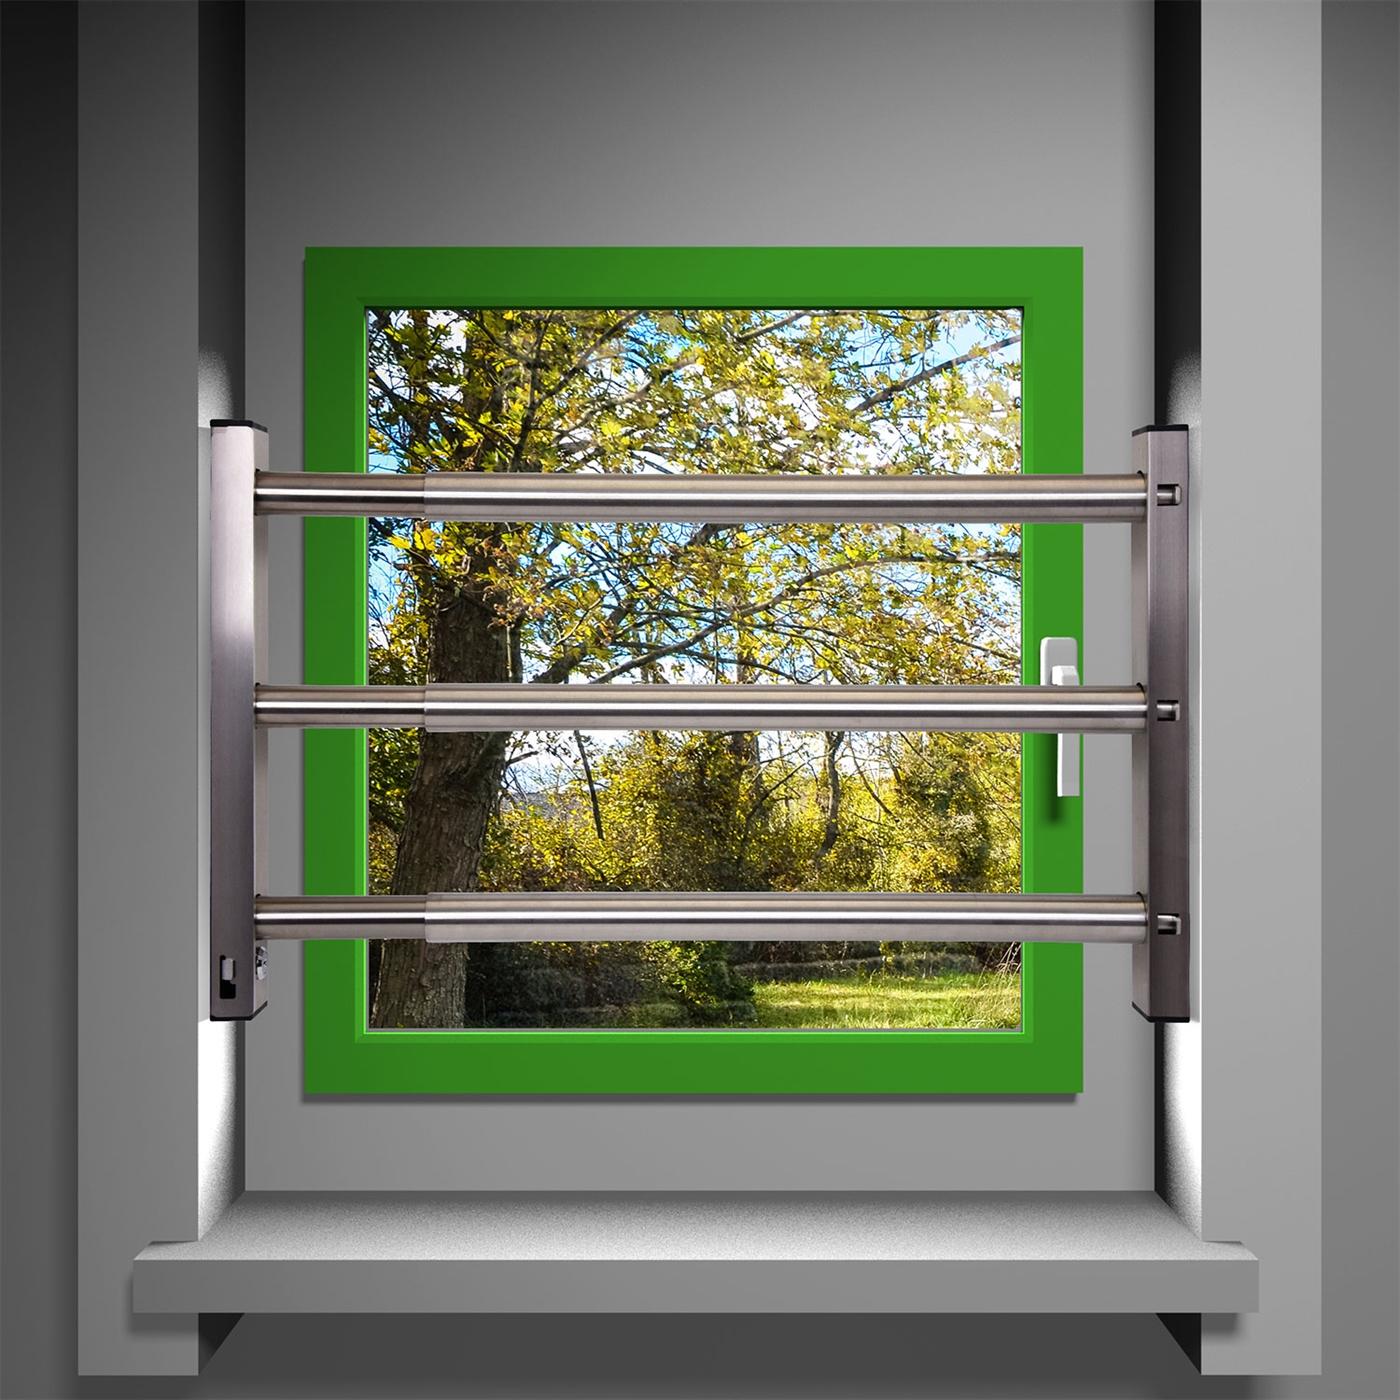 fenstersicherung sicherungsstange t rsicherung einbruchschutz 3fach 640 1000mm ebay. Black Bedroom Furniture Sets. Home Design Ideas